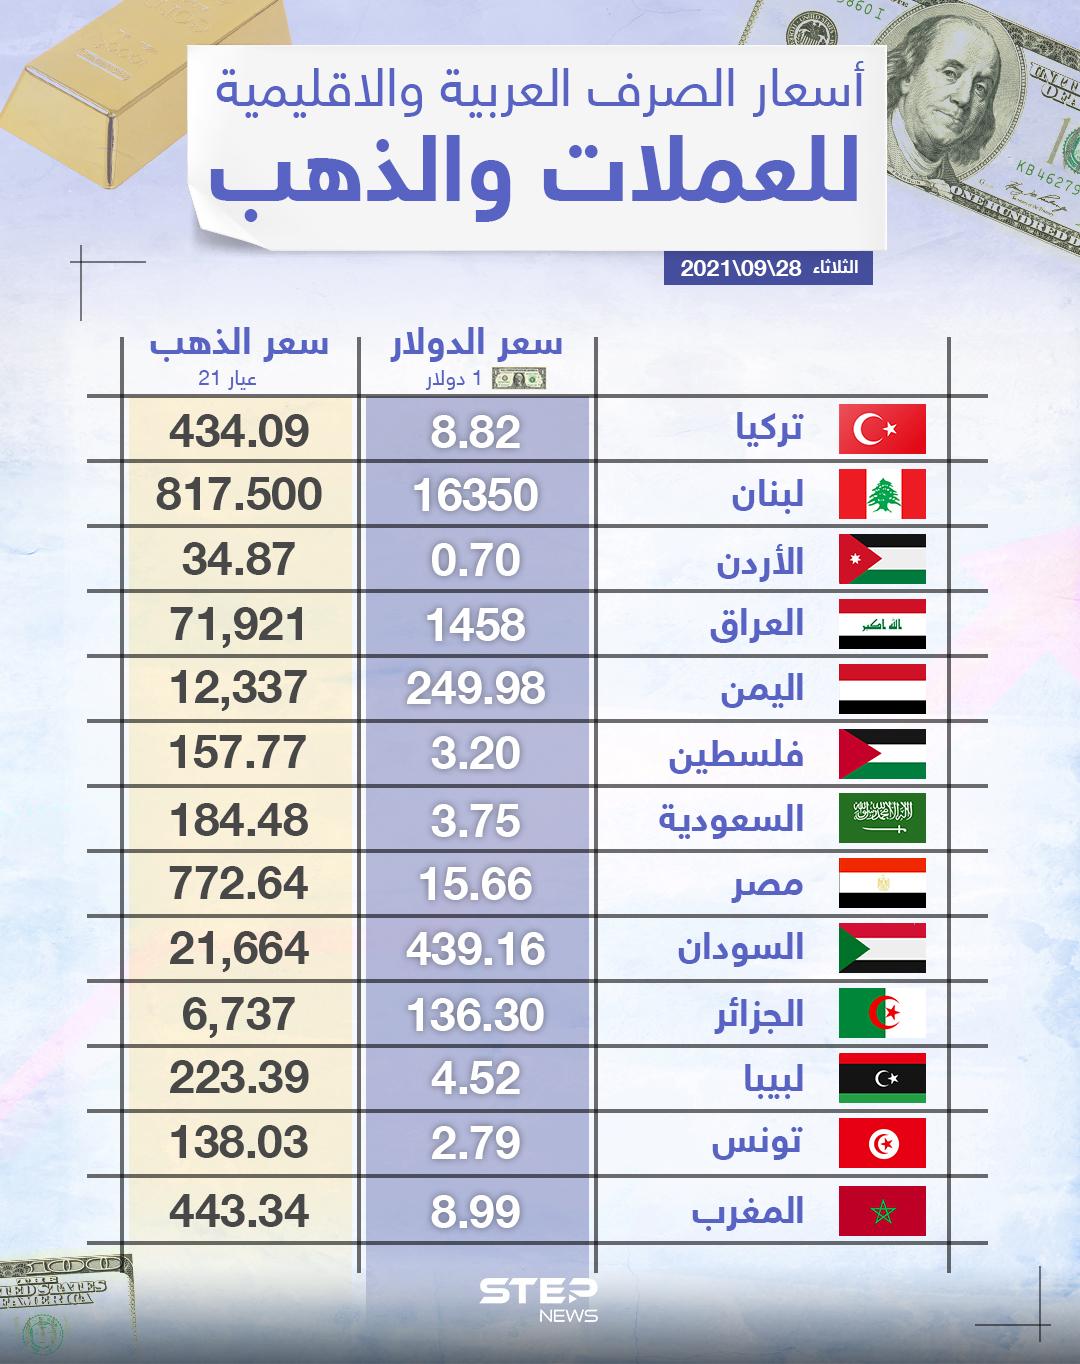 أسعار الذهب والعملات للدول العربية وتركيا اليوم الثلاثاء الموافق 28 أيلول 2021